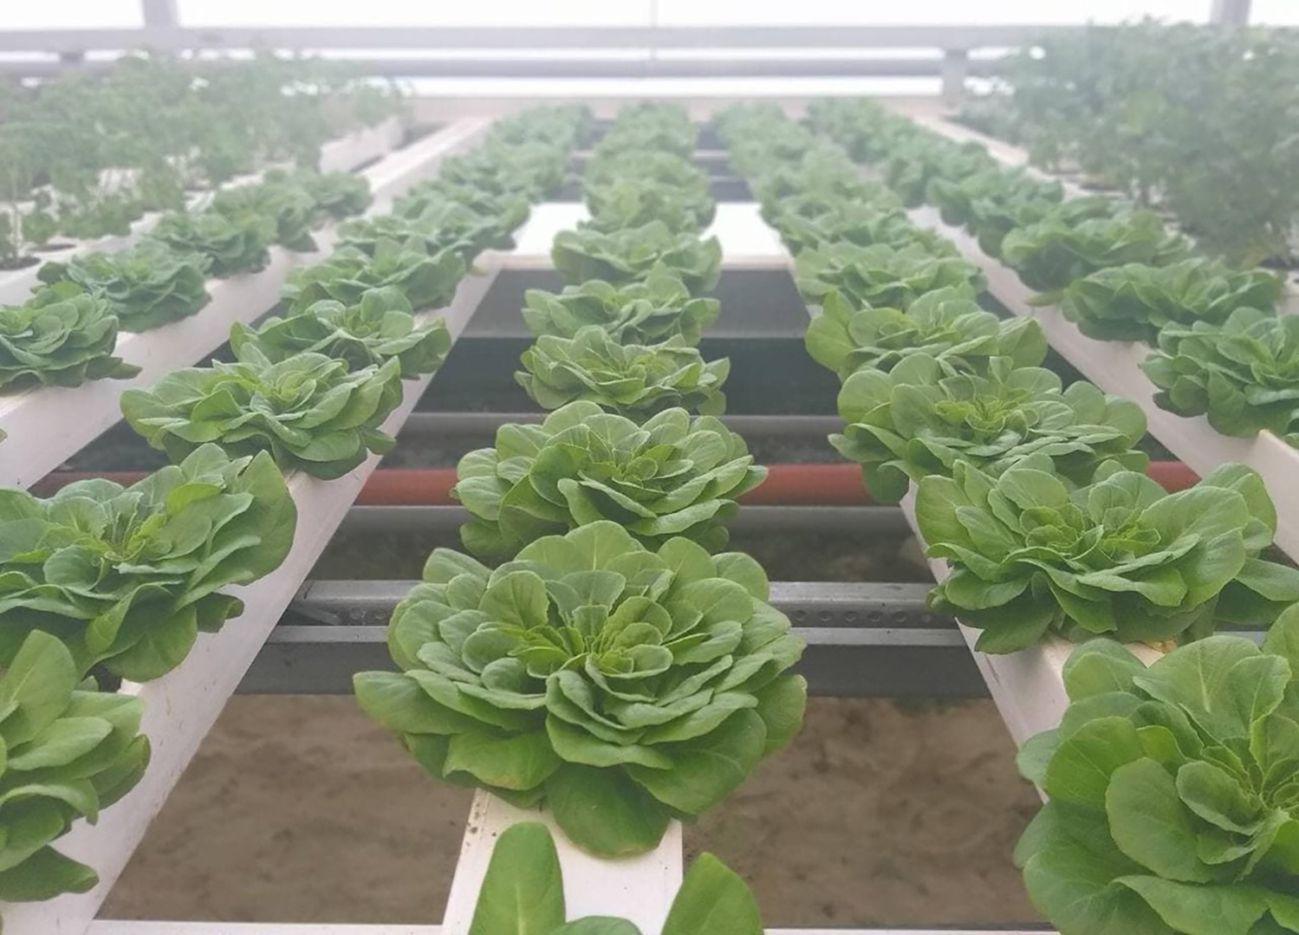 Выращивать салаты в теплицах помогает научный подход